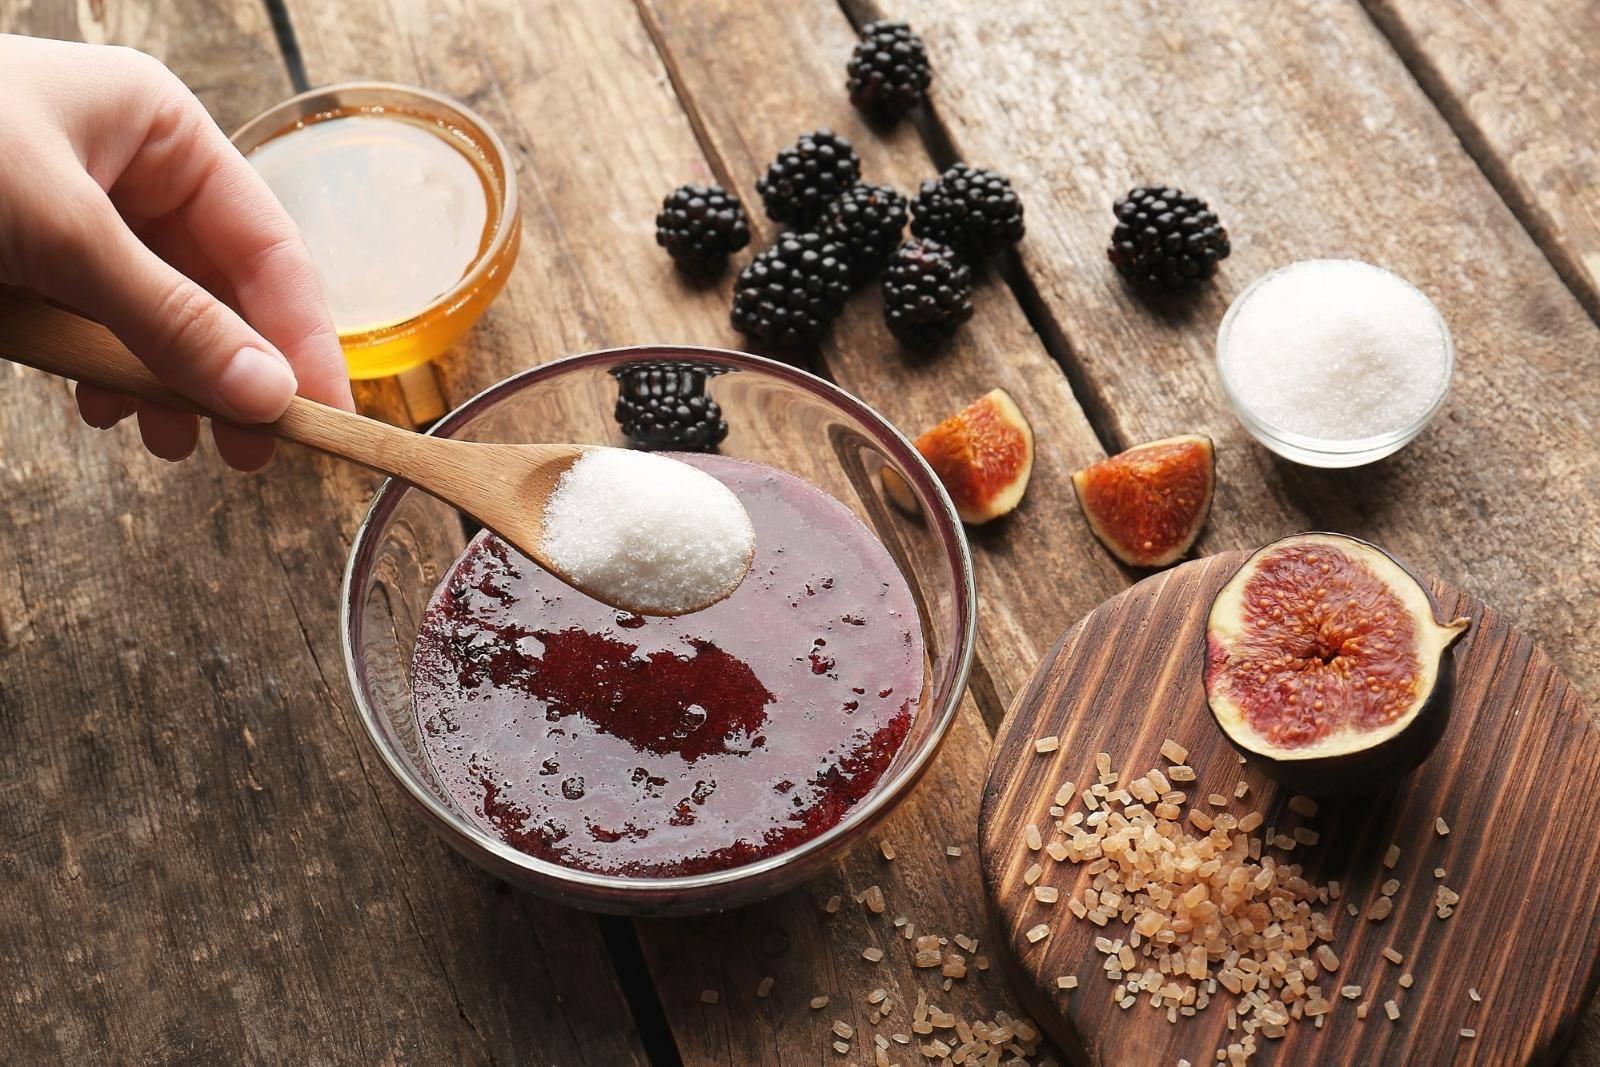 Скраб из меда и кофе для бани: лечение кожи домашними средствами